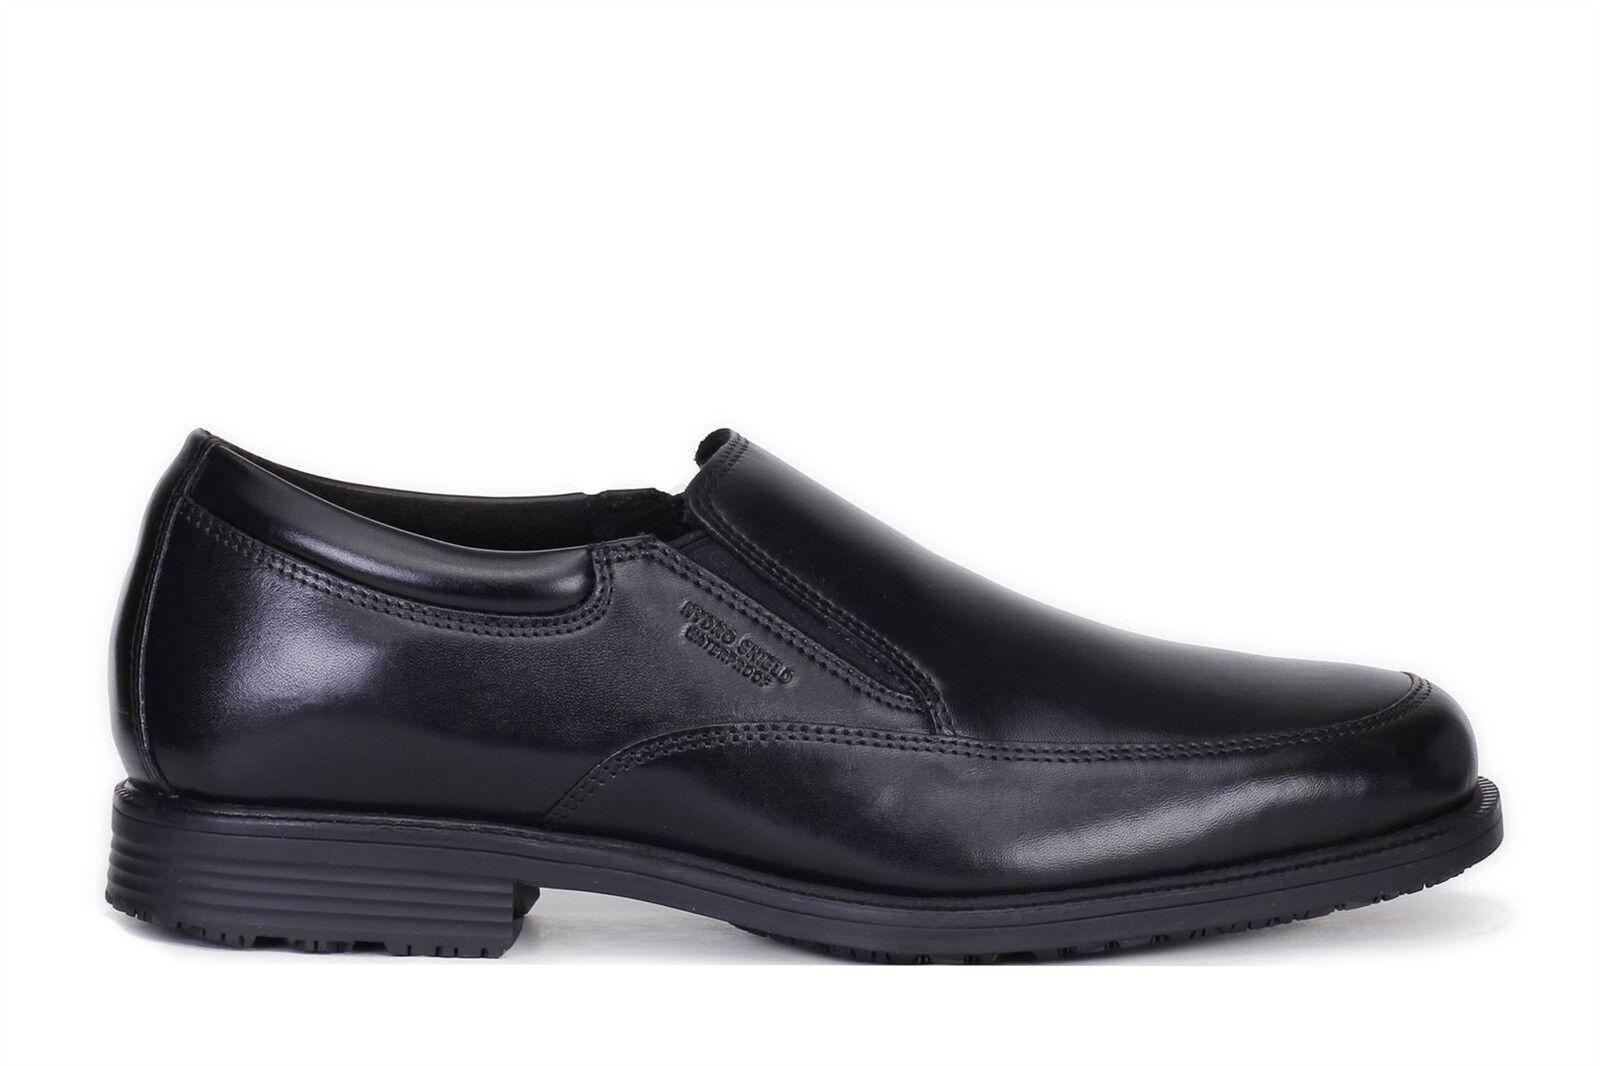 100% nuovo di zecca con qualità originale Rockport Rockport Rockport Uomo Essential Details Waterproof Slip On scarpe nero V75100  ampia selezione